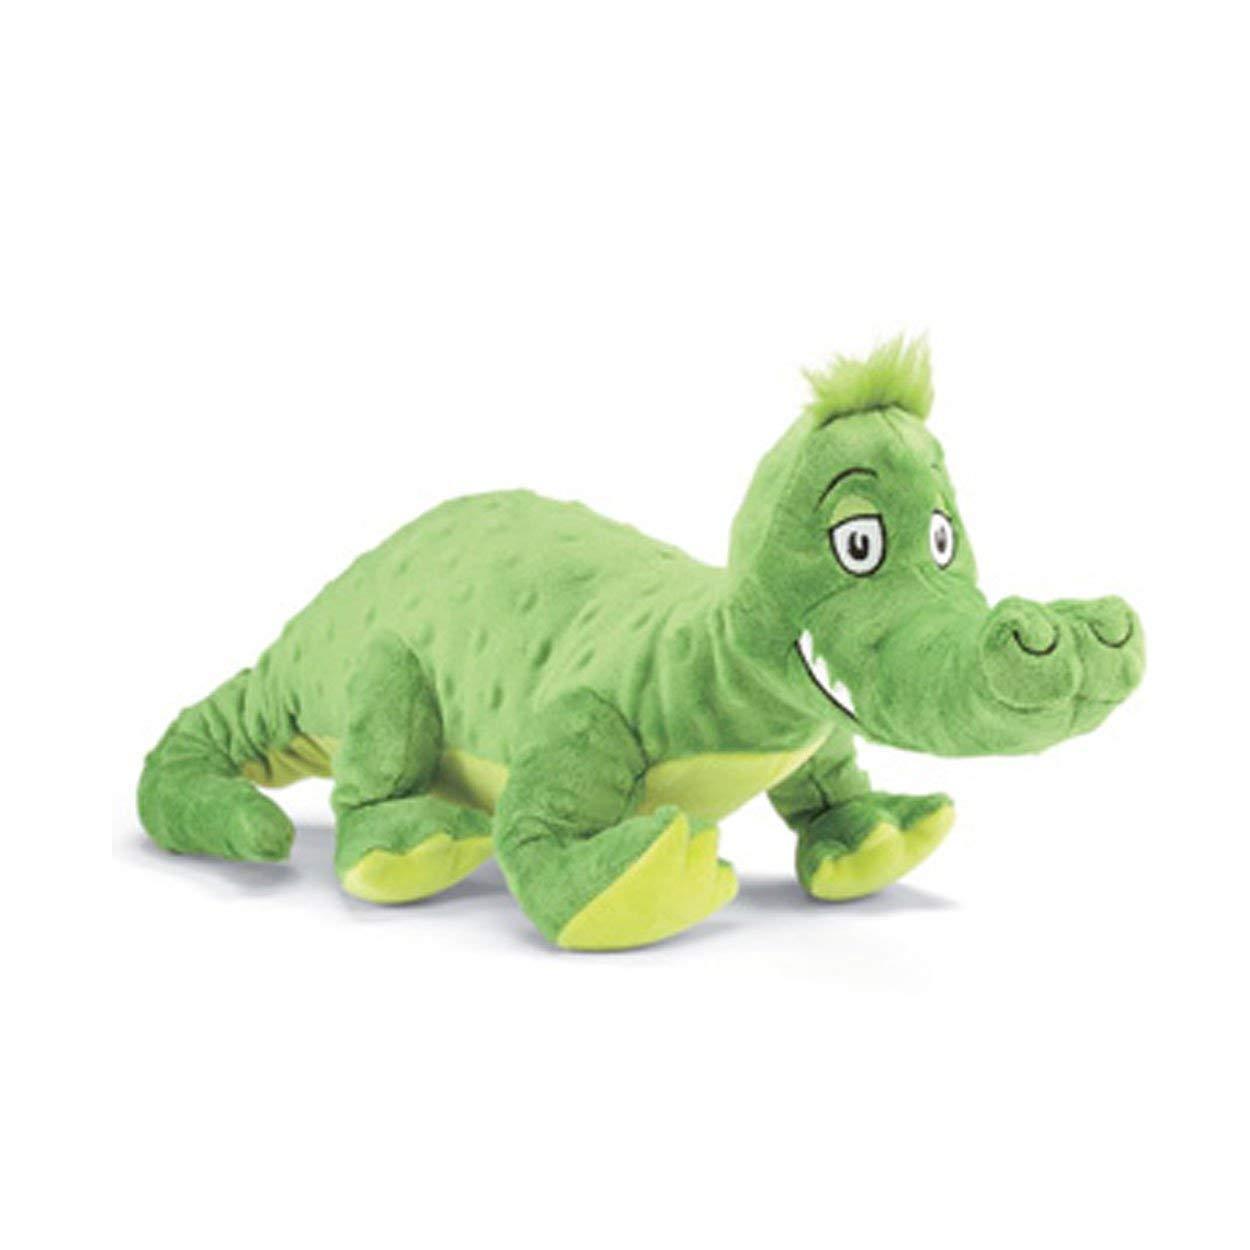 Dr Seuss ABC Gator Plush Toy Doll Kohls Cares Kohl/'s Cares 4216560